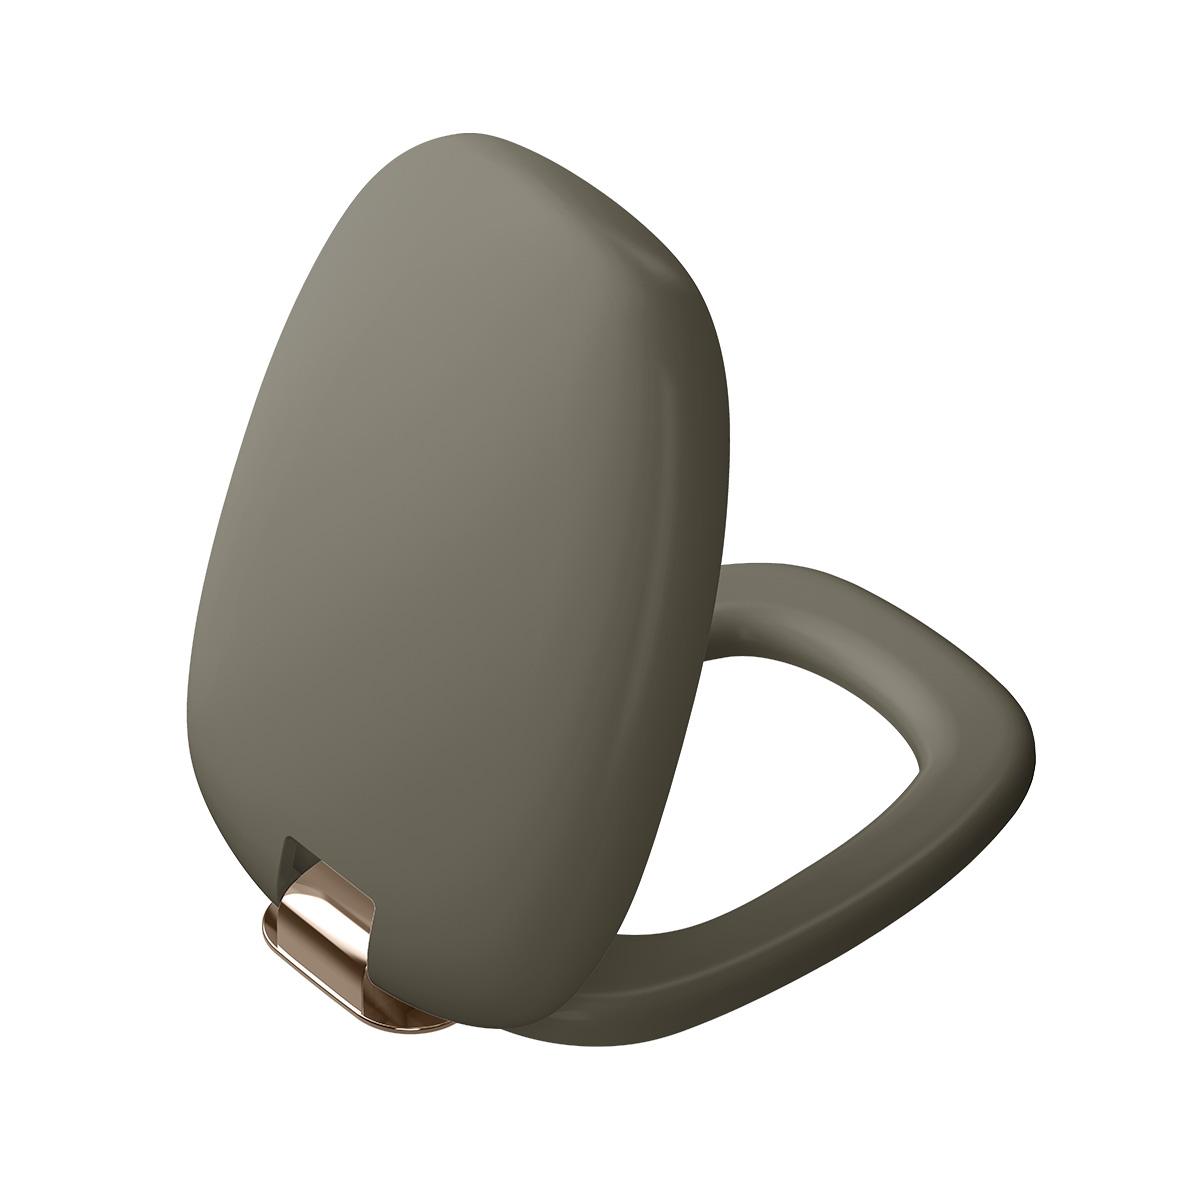 Plural WC-Sitz mit Absenkautomatik, Nerz Matt/Kupfer